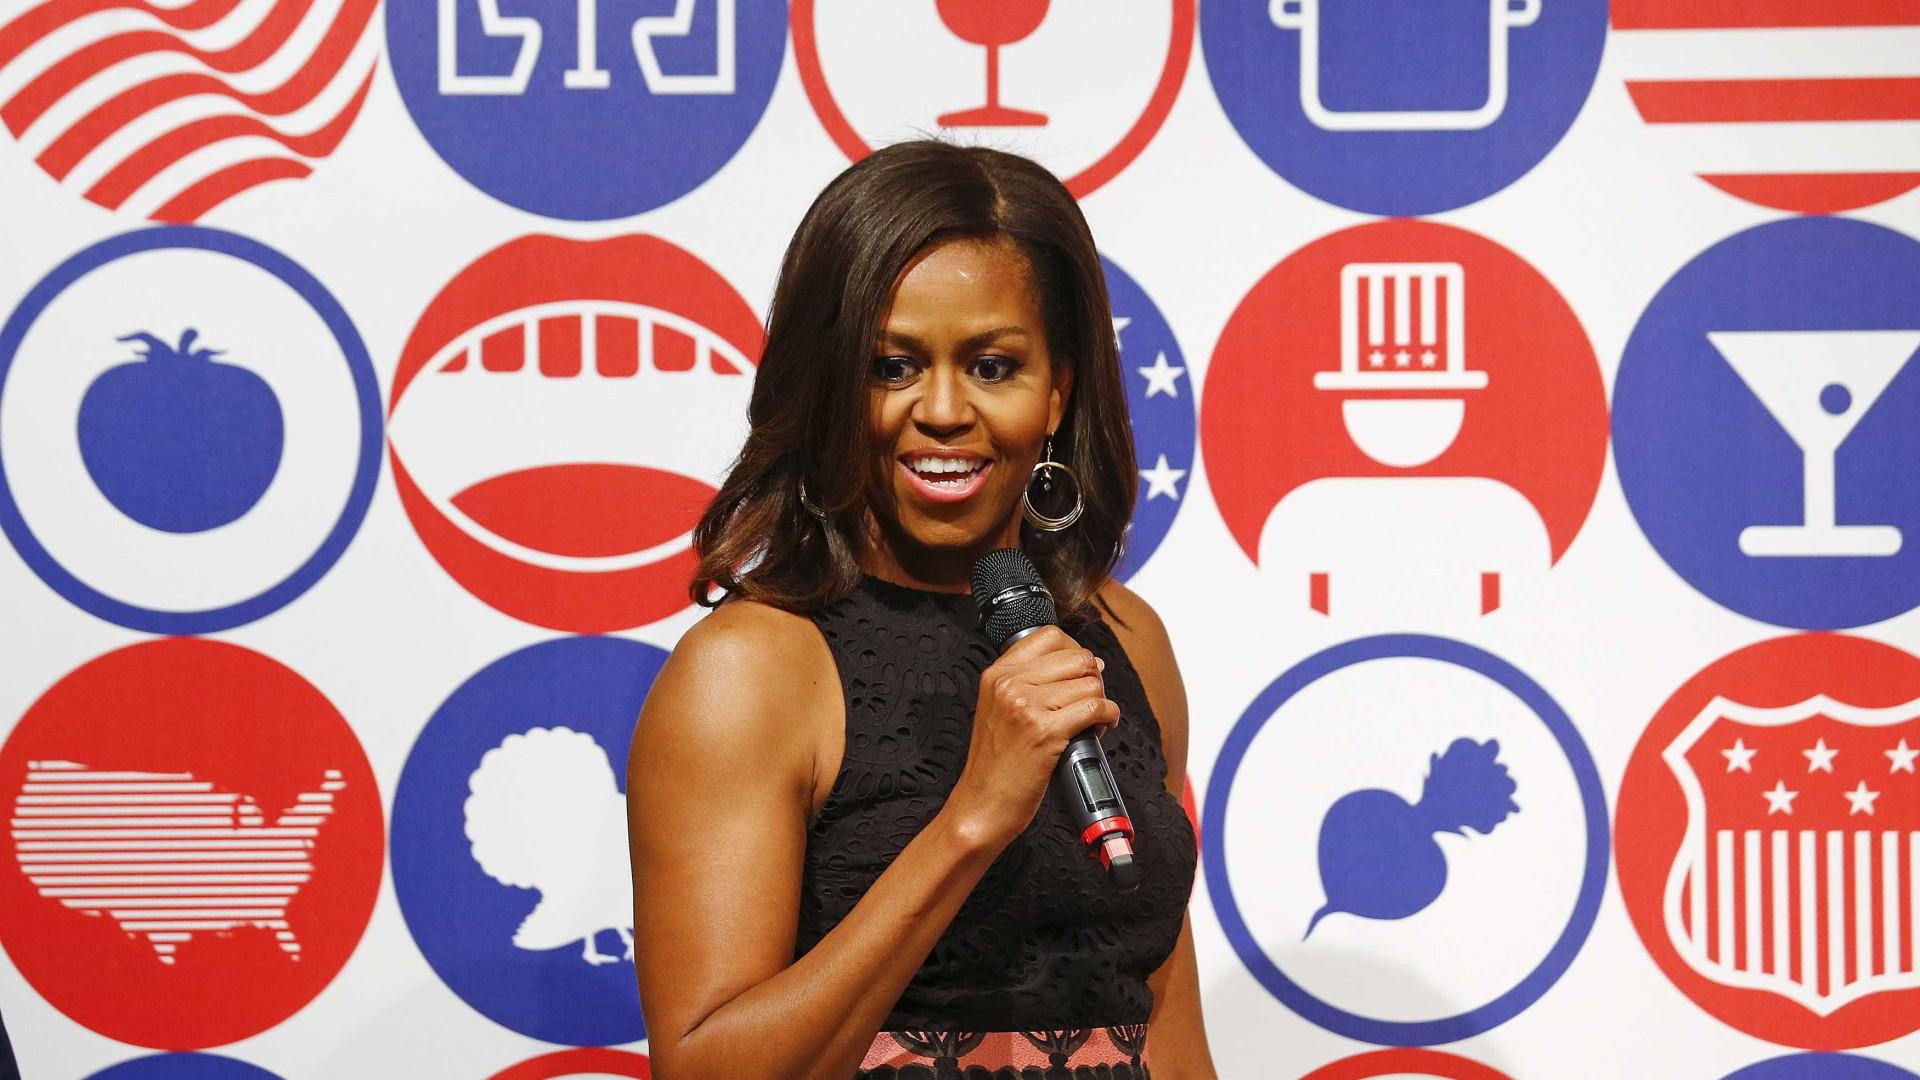 Você sabe quais são os artistas preferidos de Michelle Obama?